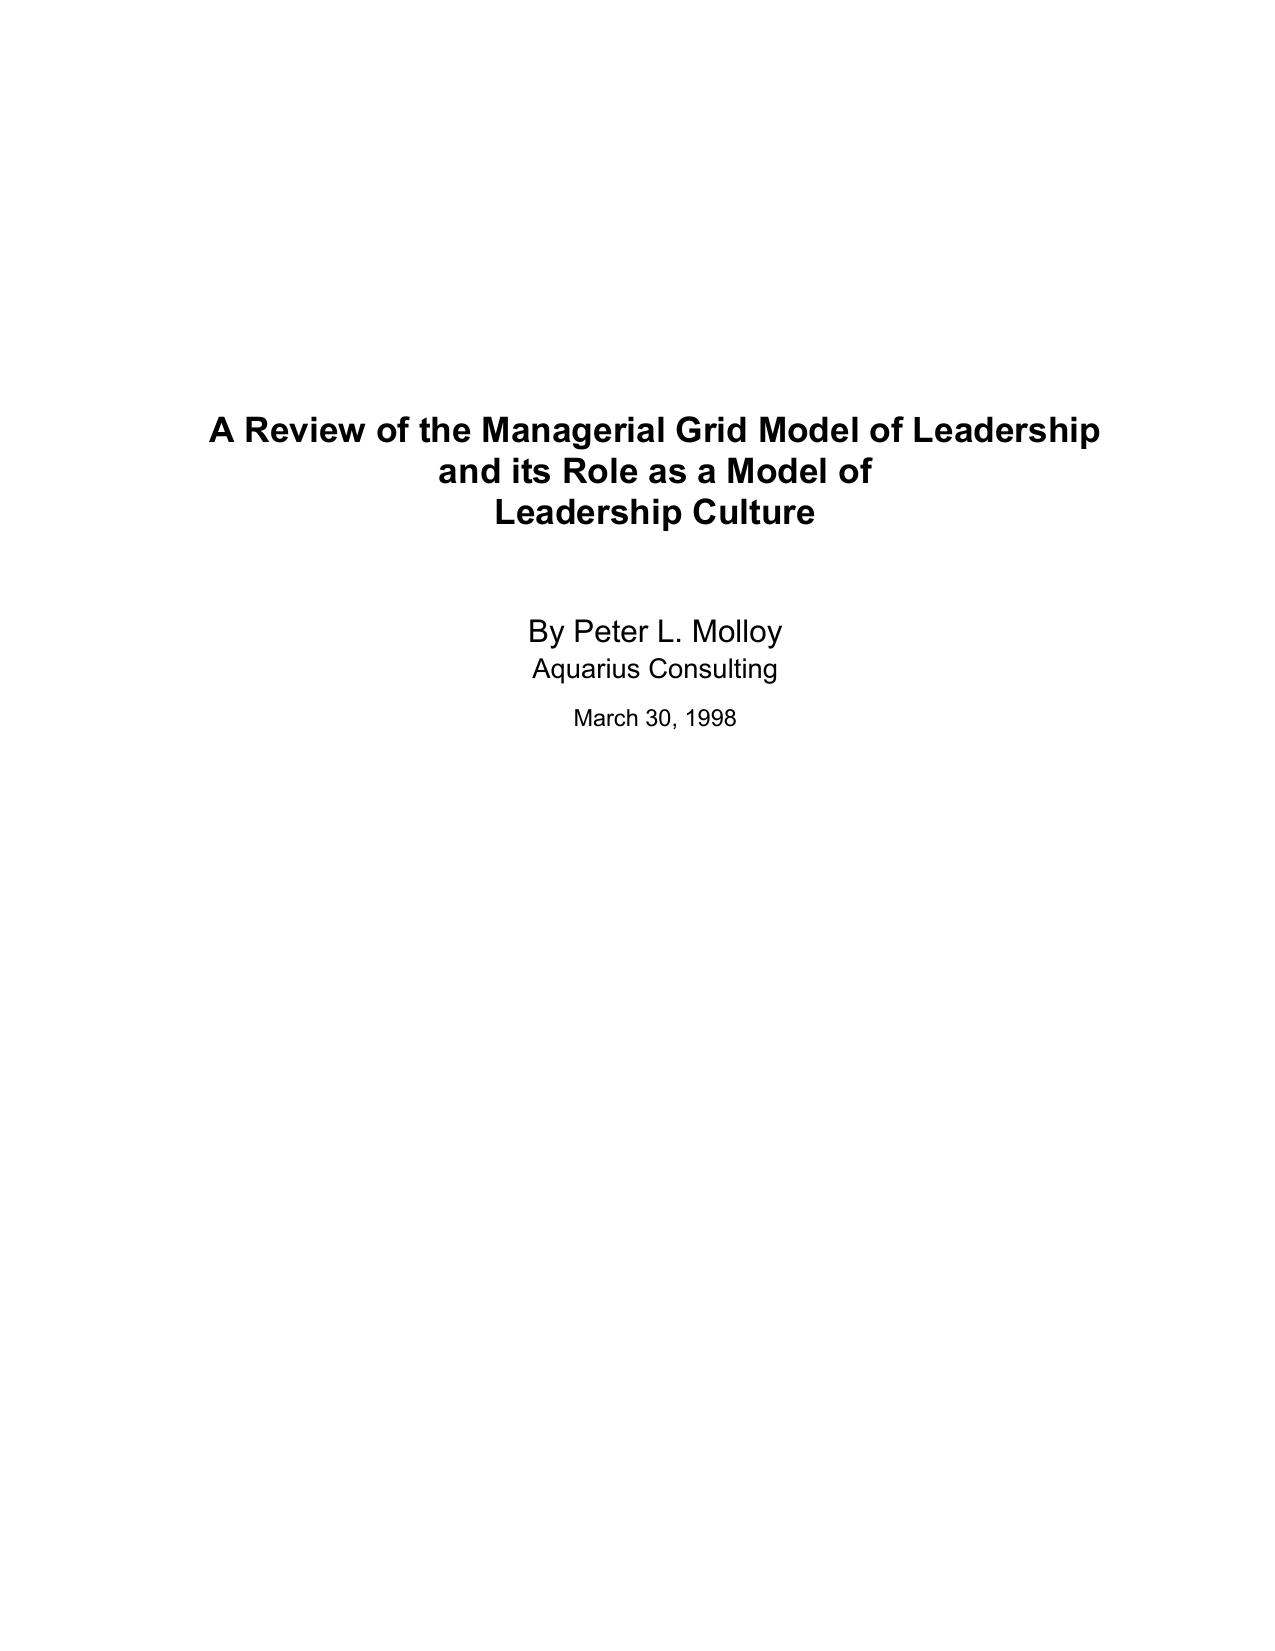 leadership grid model